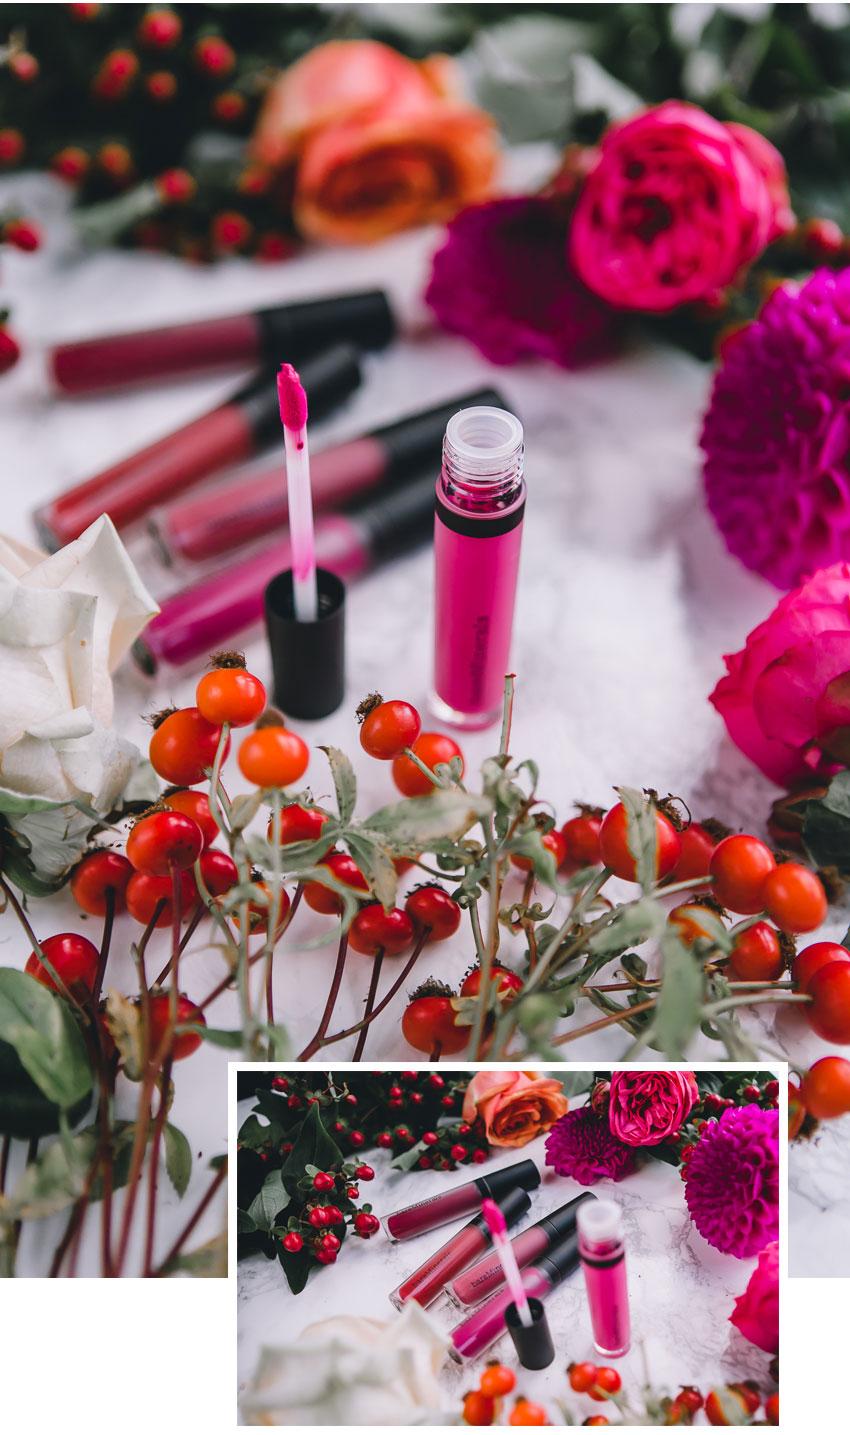 Statement Lip neue Lippenstifte von bareMinerals